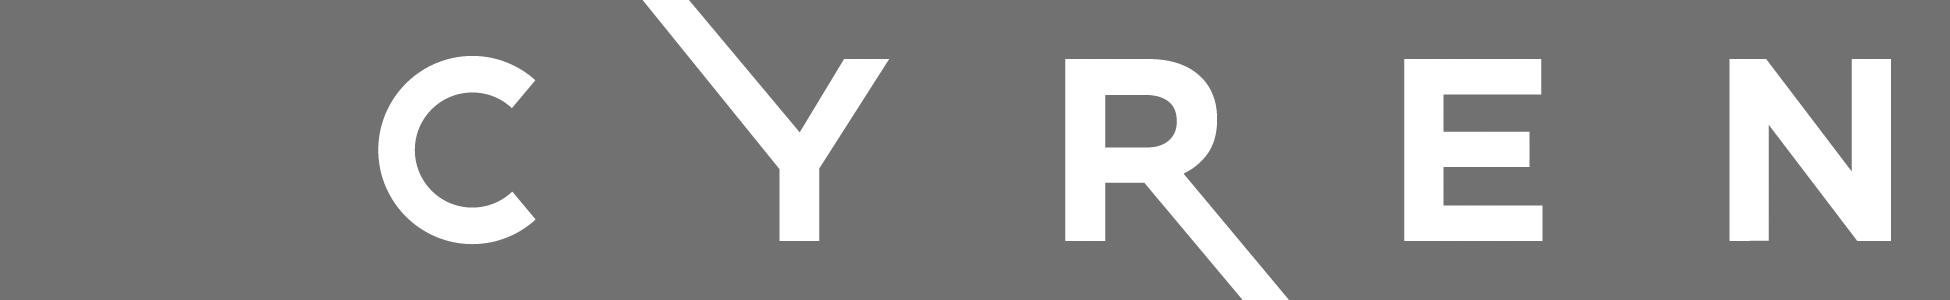 CYREN-logo-RGB copy.png